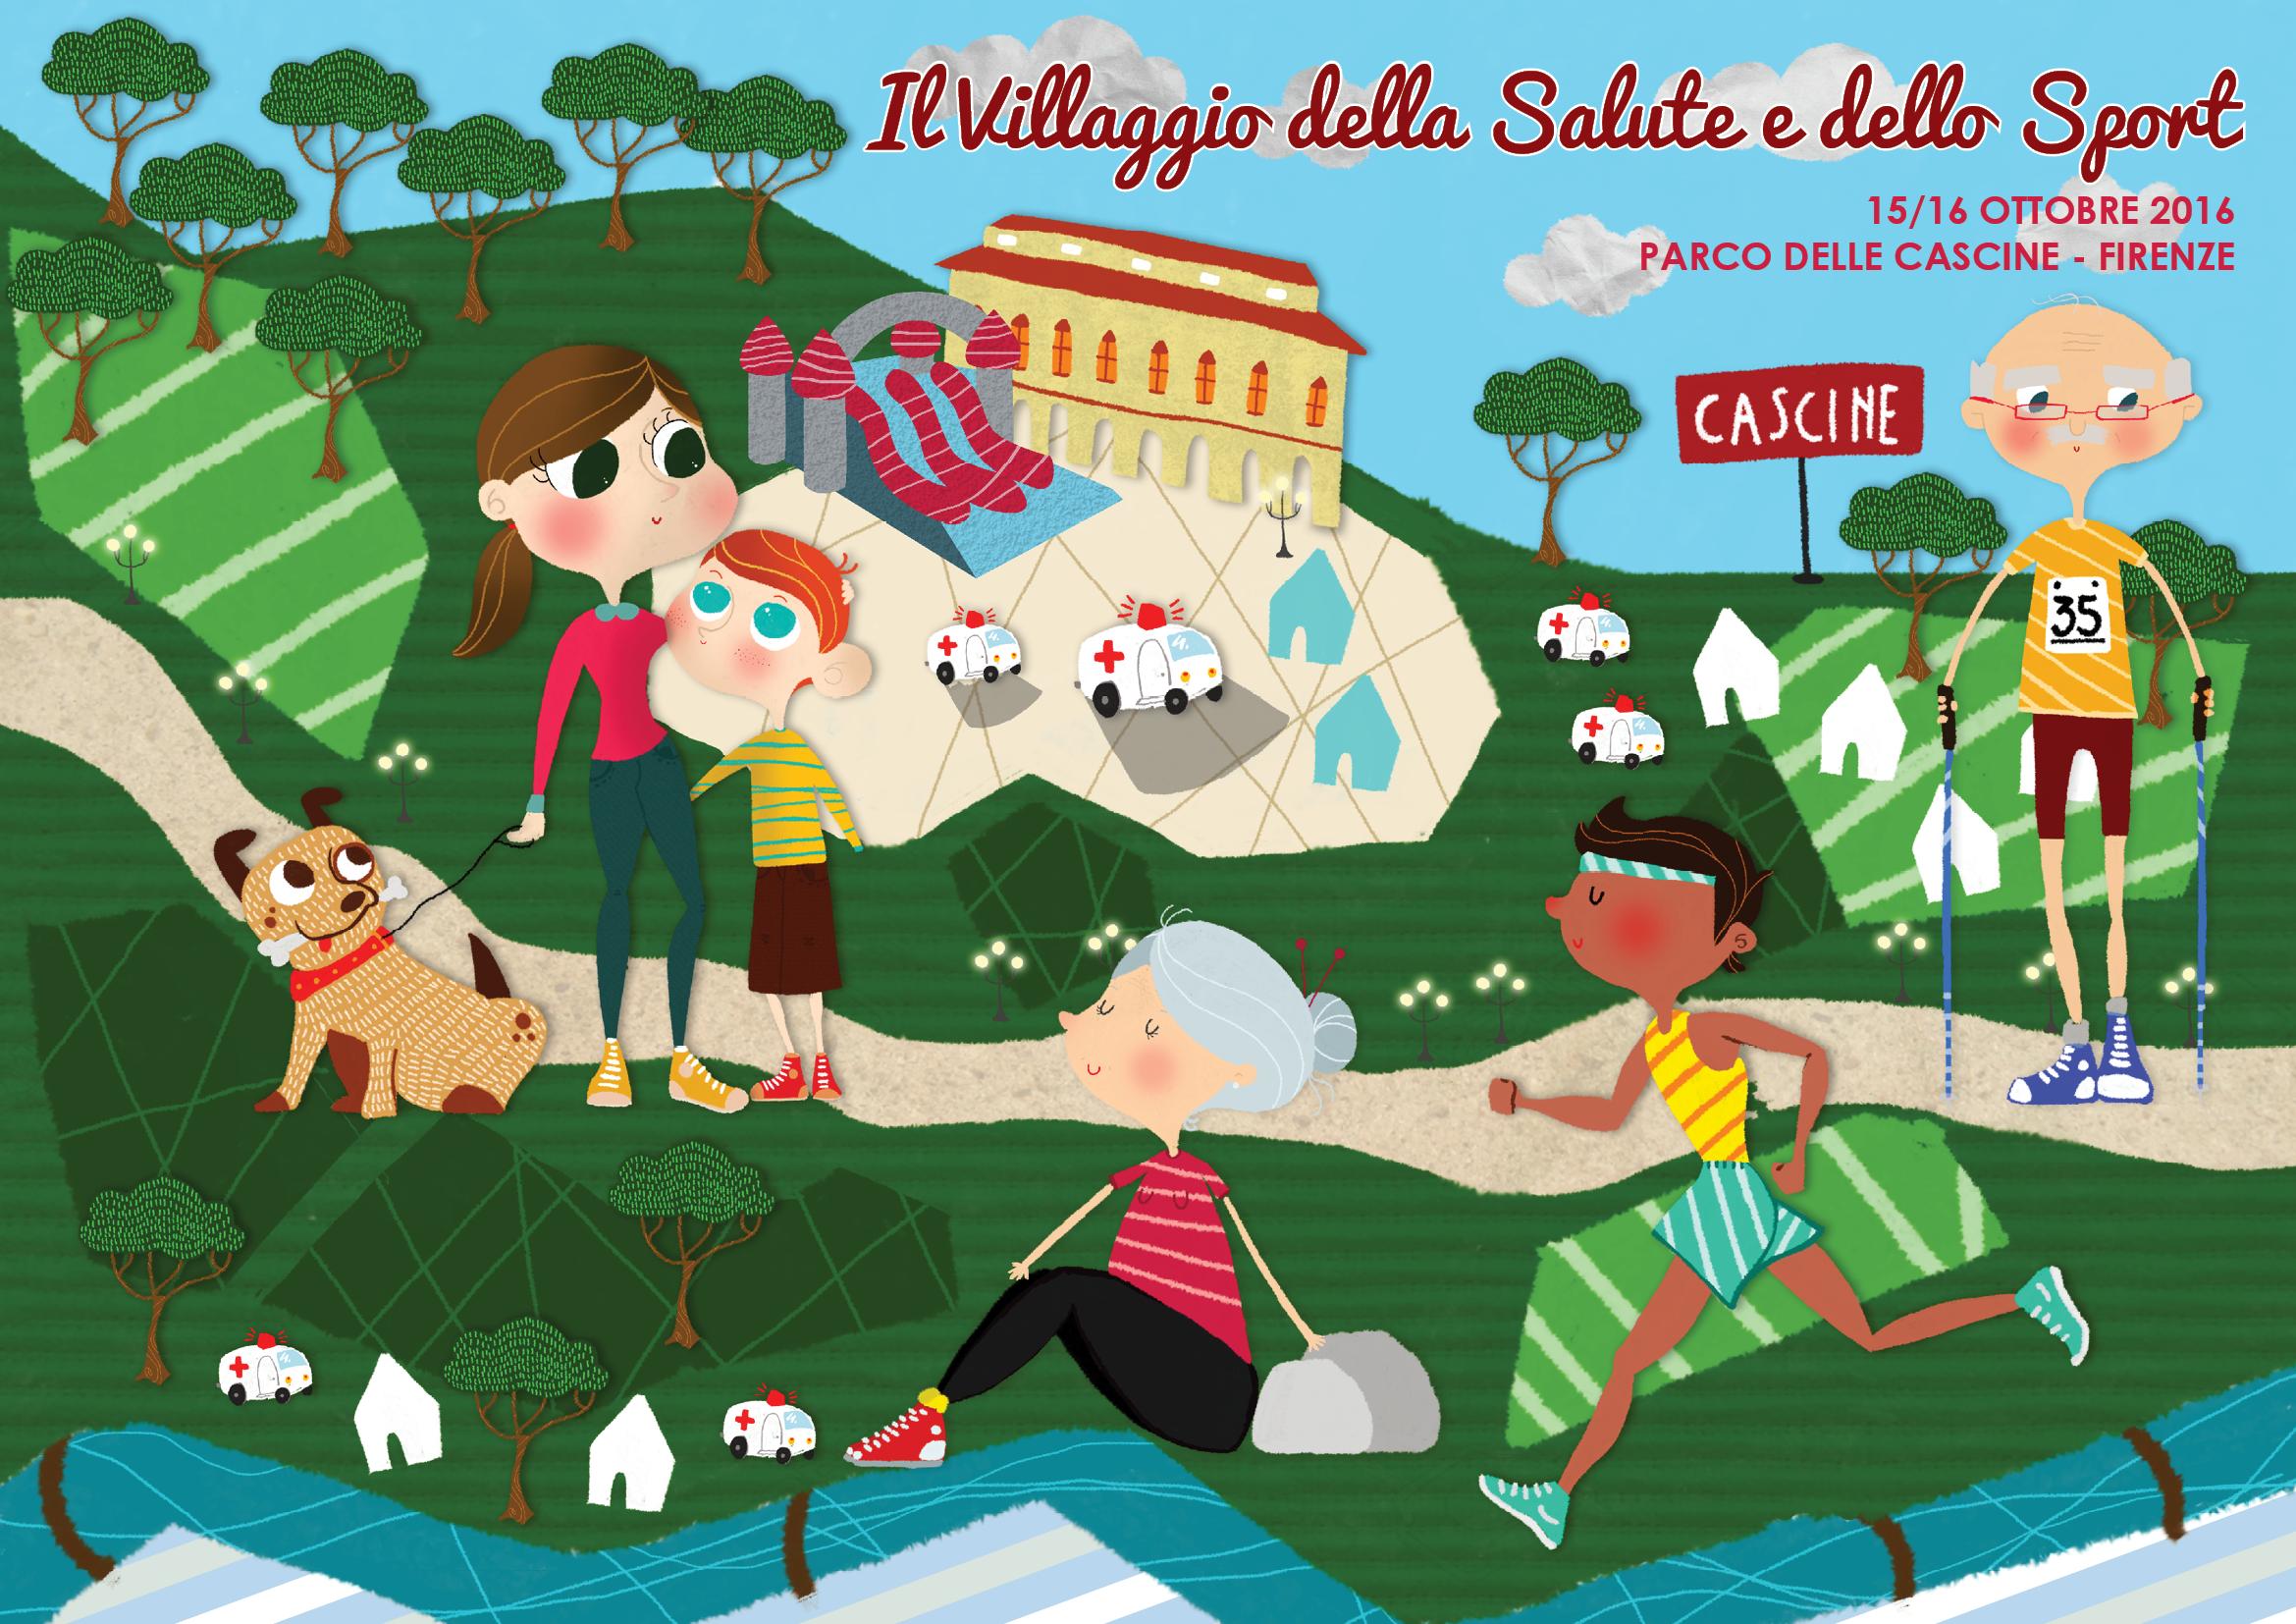 Villaggio della salute e dello sport - Parco dele Cascine di Firenze @ Firenze, parco delle cascine | Firenze | Toscana | Italia